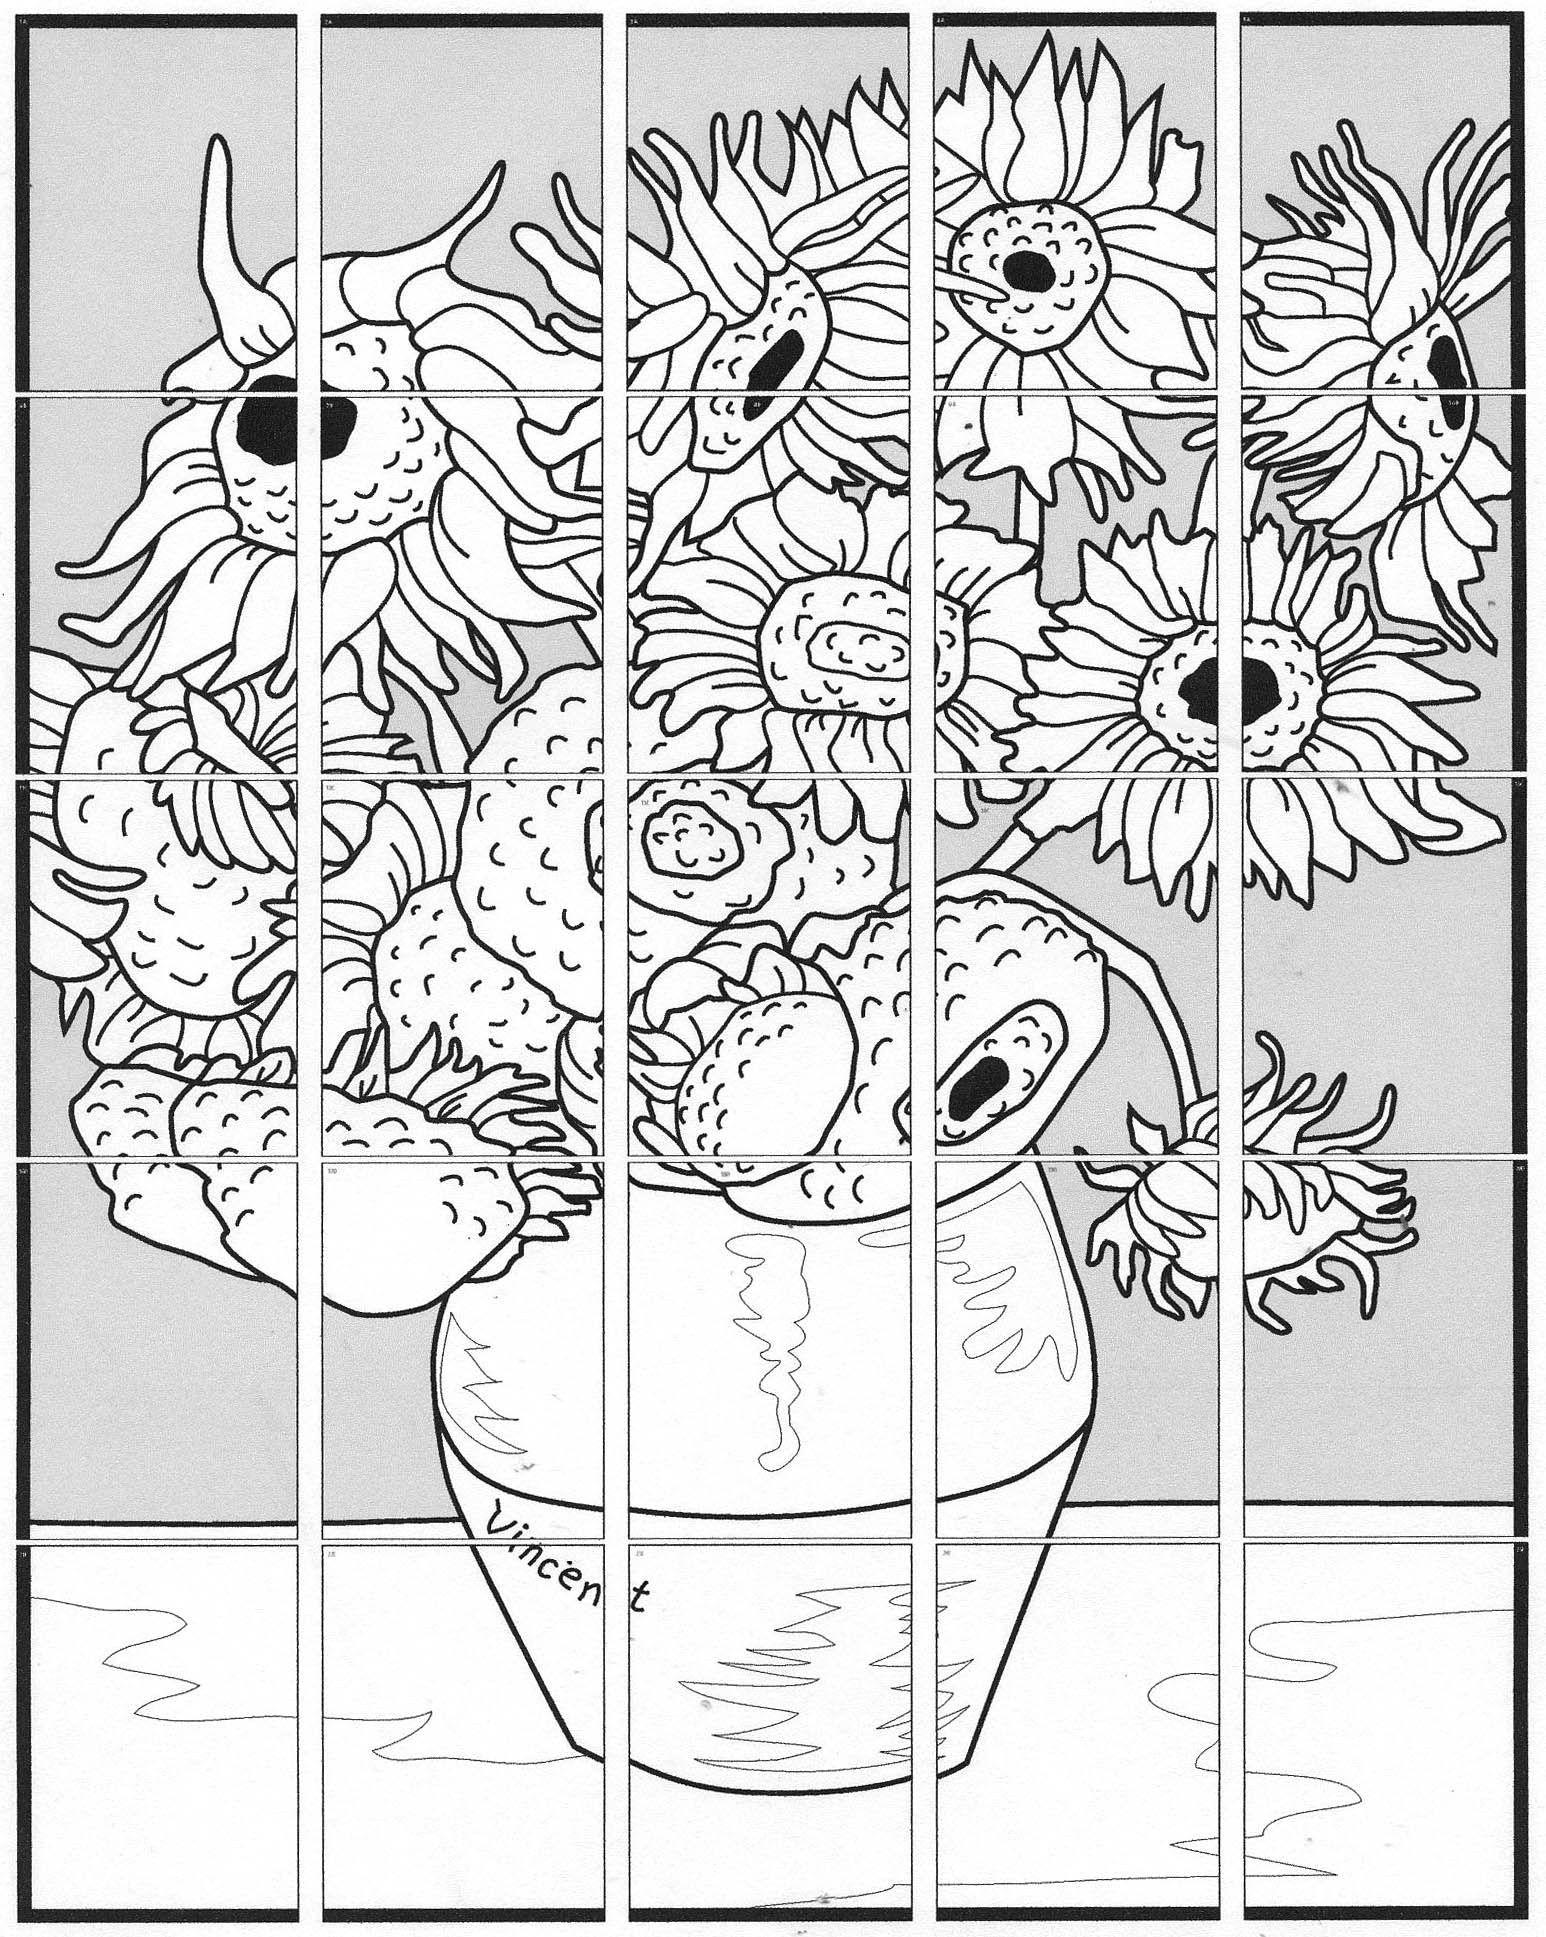 My Van Gogh Sunflower Collaborative Art Project That Is Great For Schools And Any Group That Wants To Create Kunst Voor Kinderen Kunstlessen Kunst Activiteiten